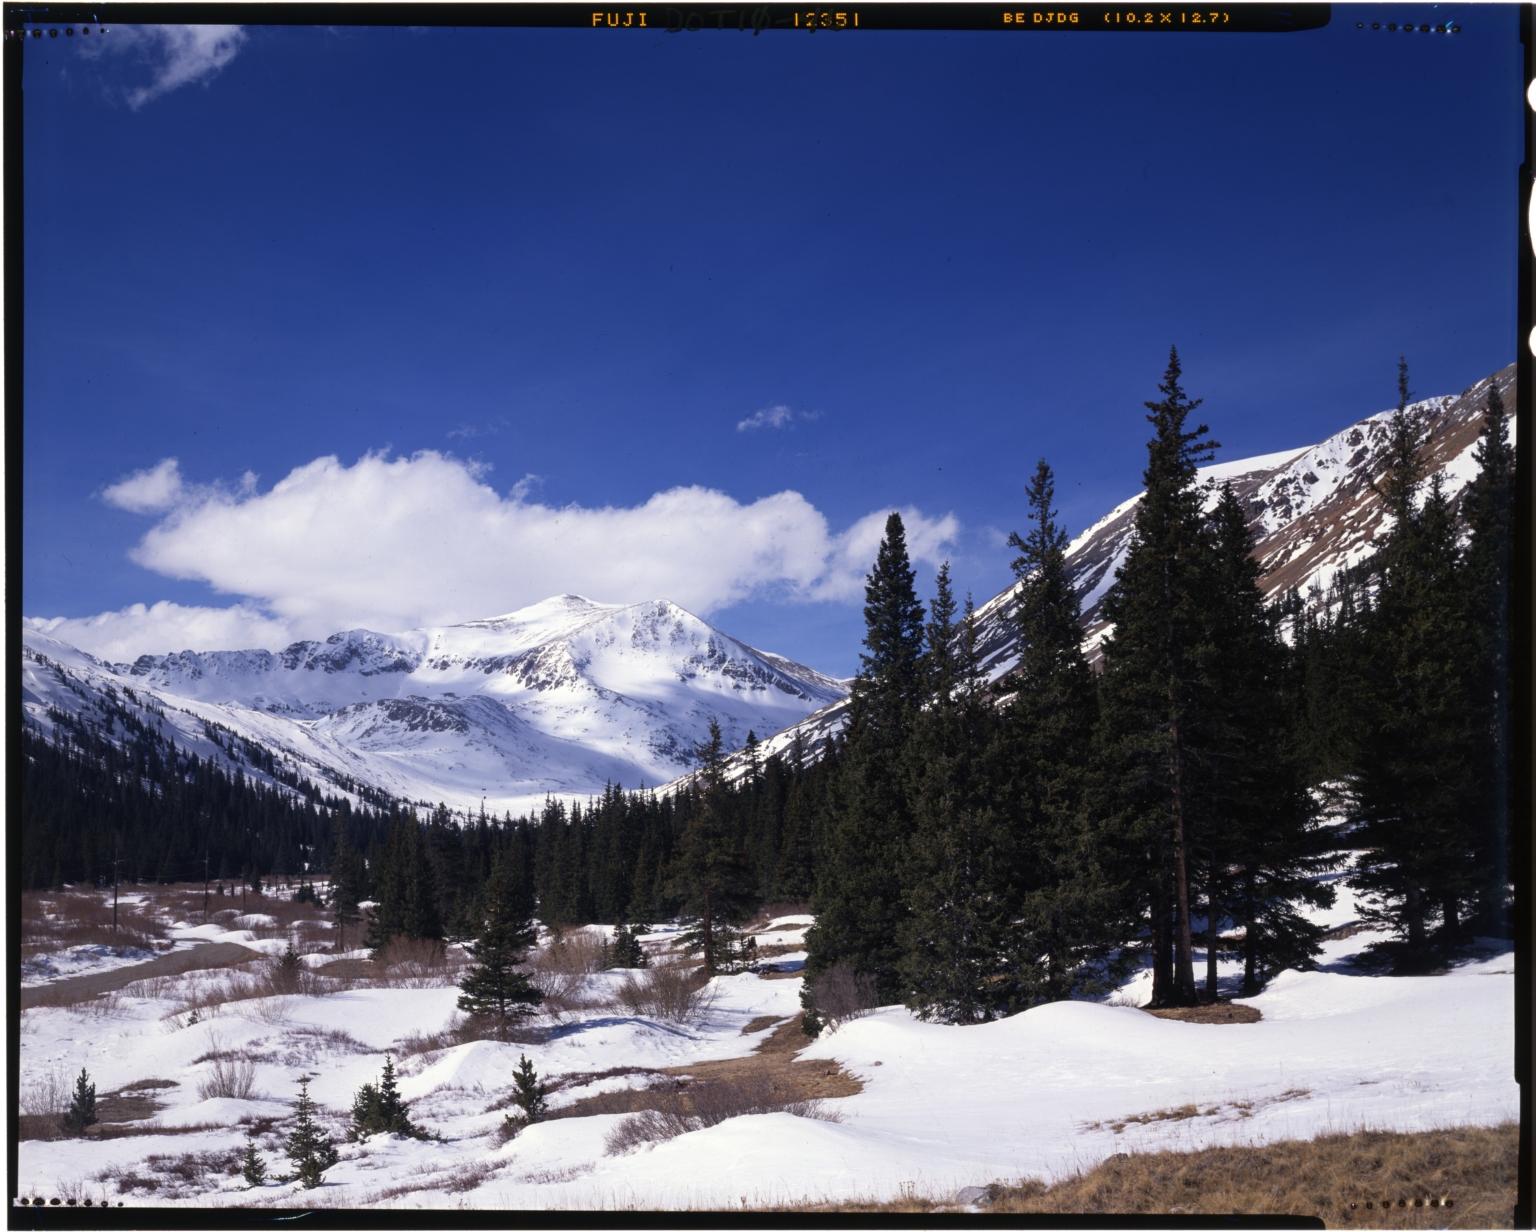 Mount Democrat and Kite Lake